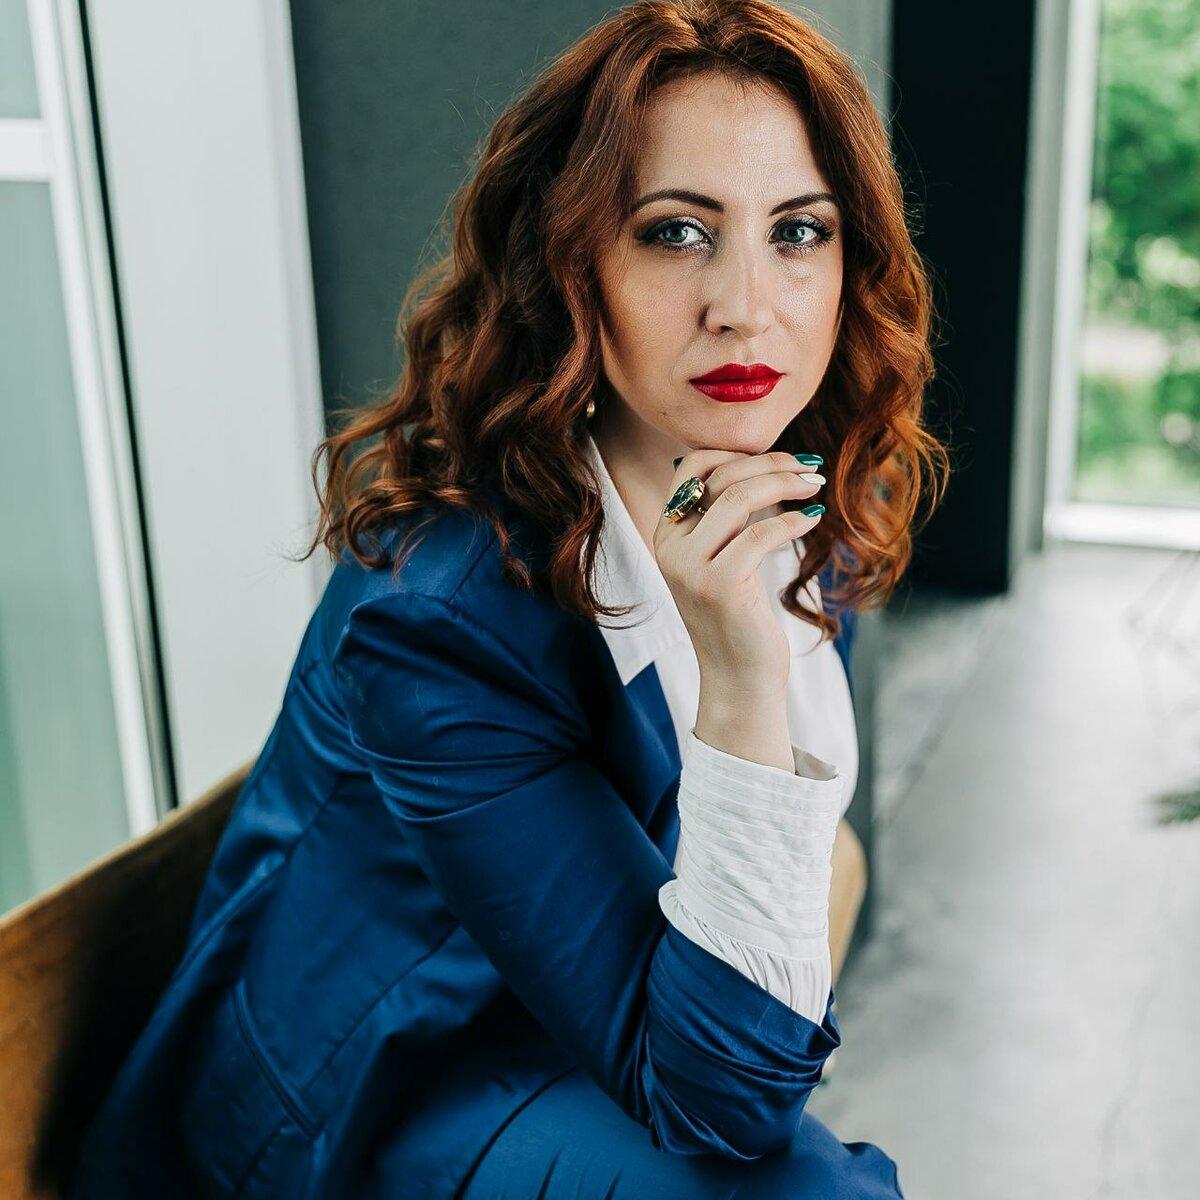 Светлана Гладун, Светлана Гладун предприниматель, Светлана Гладун Кофейный Магнат